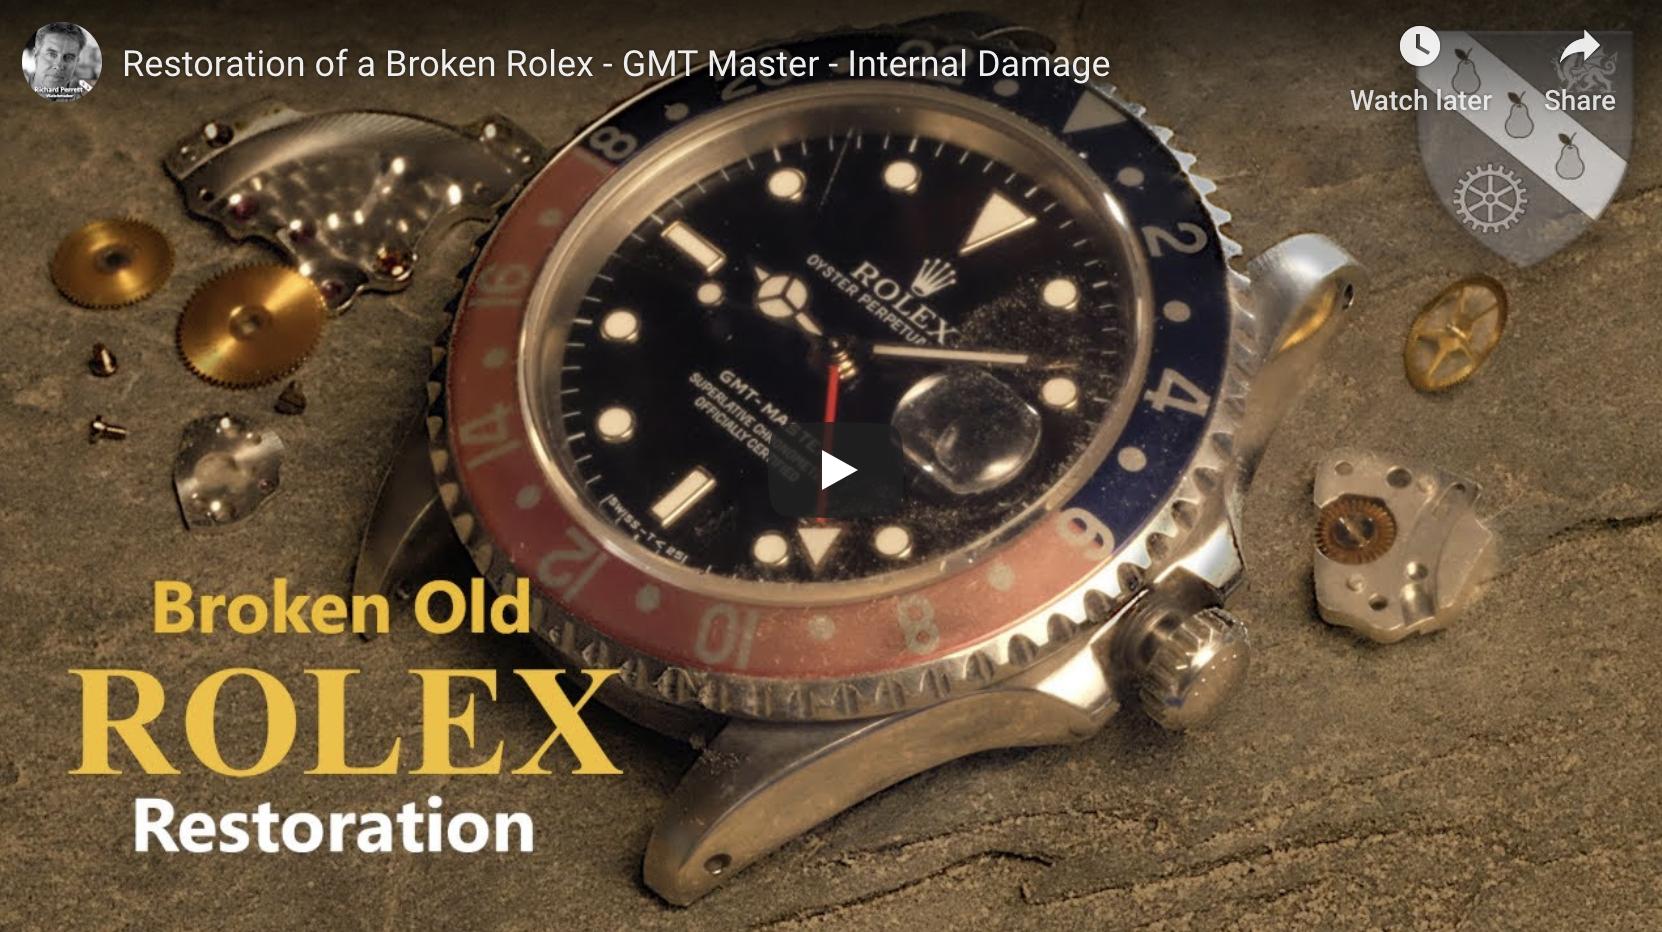 Rolex movement – a deep dive under the bonnet